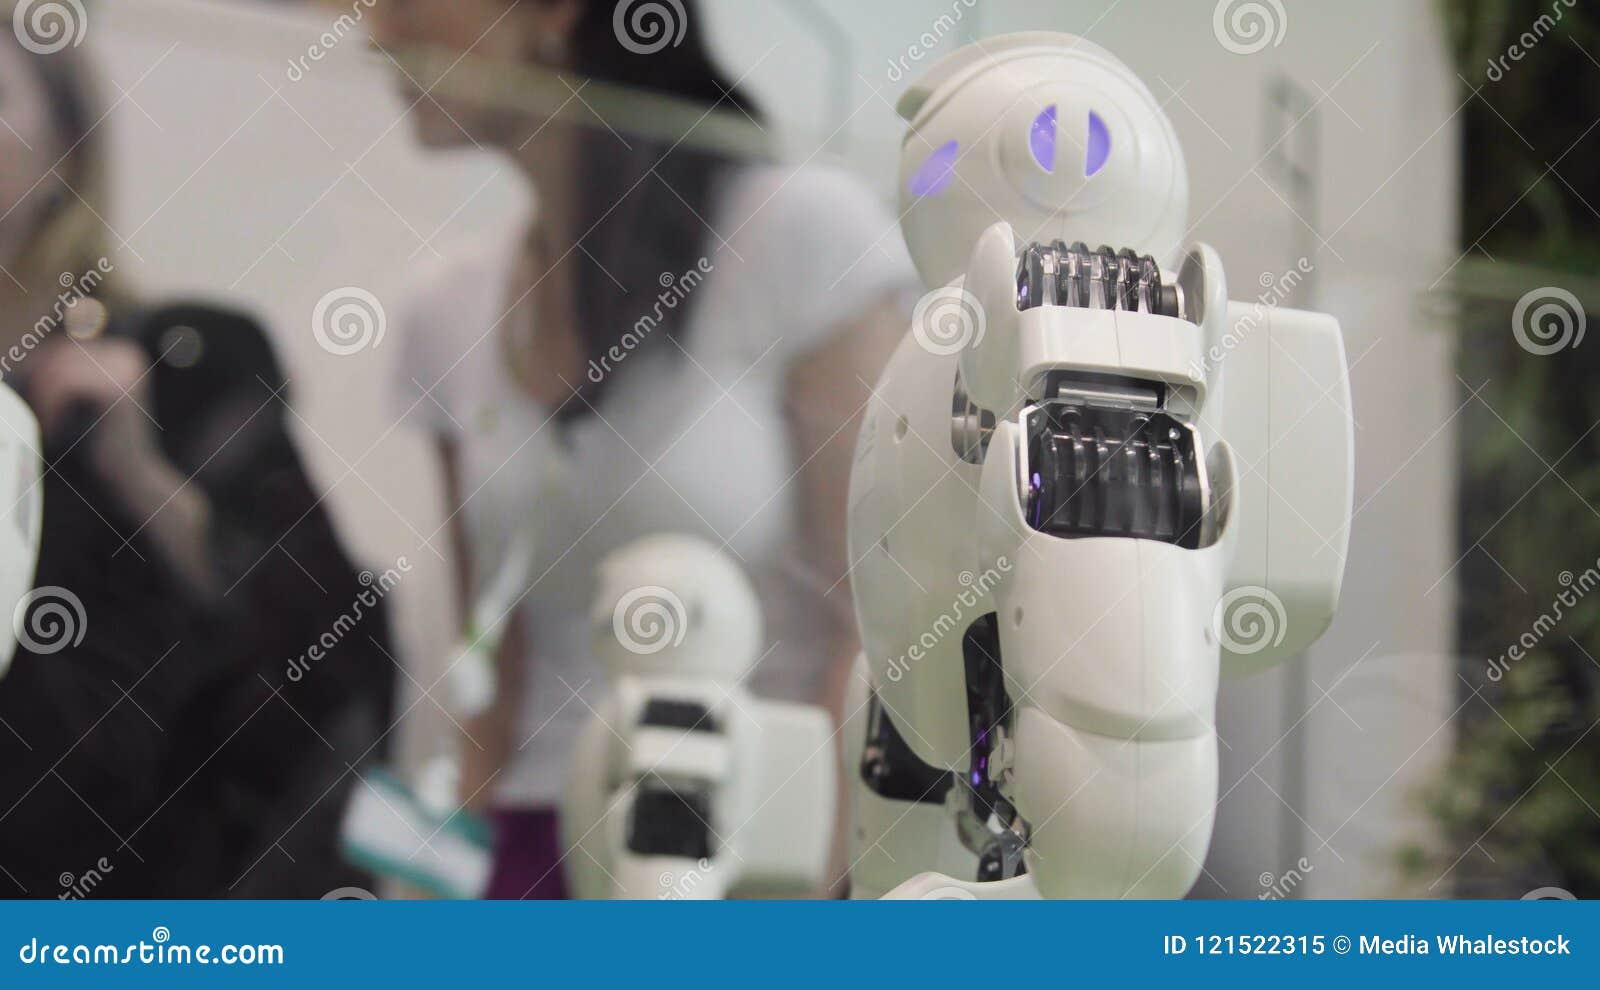 Μέλλον υψηλής τεχνολογίας και έννοια επιστήμης Έξυπνος χορός ρομπότ Humanoid Χορεύοντας ρομπότ Μελλοντική έννοια τεχνολογίας